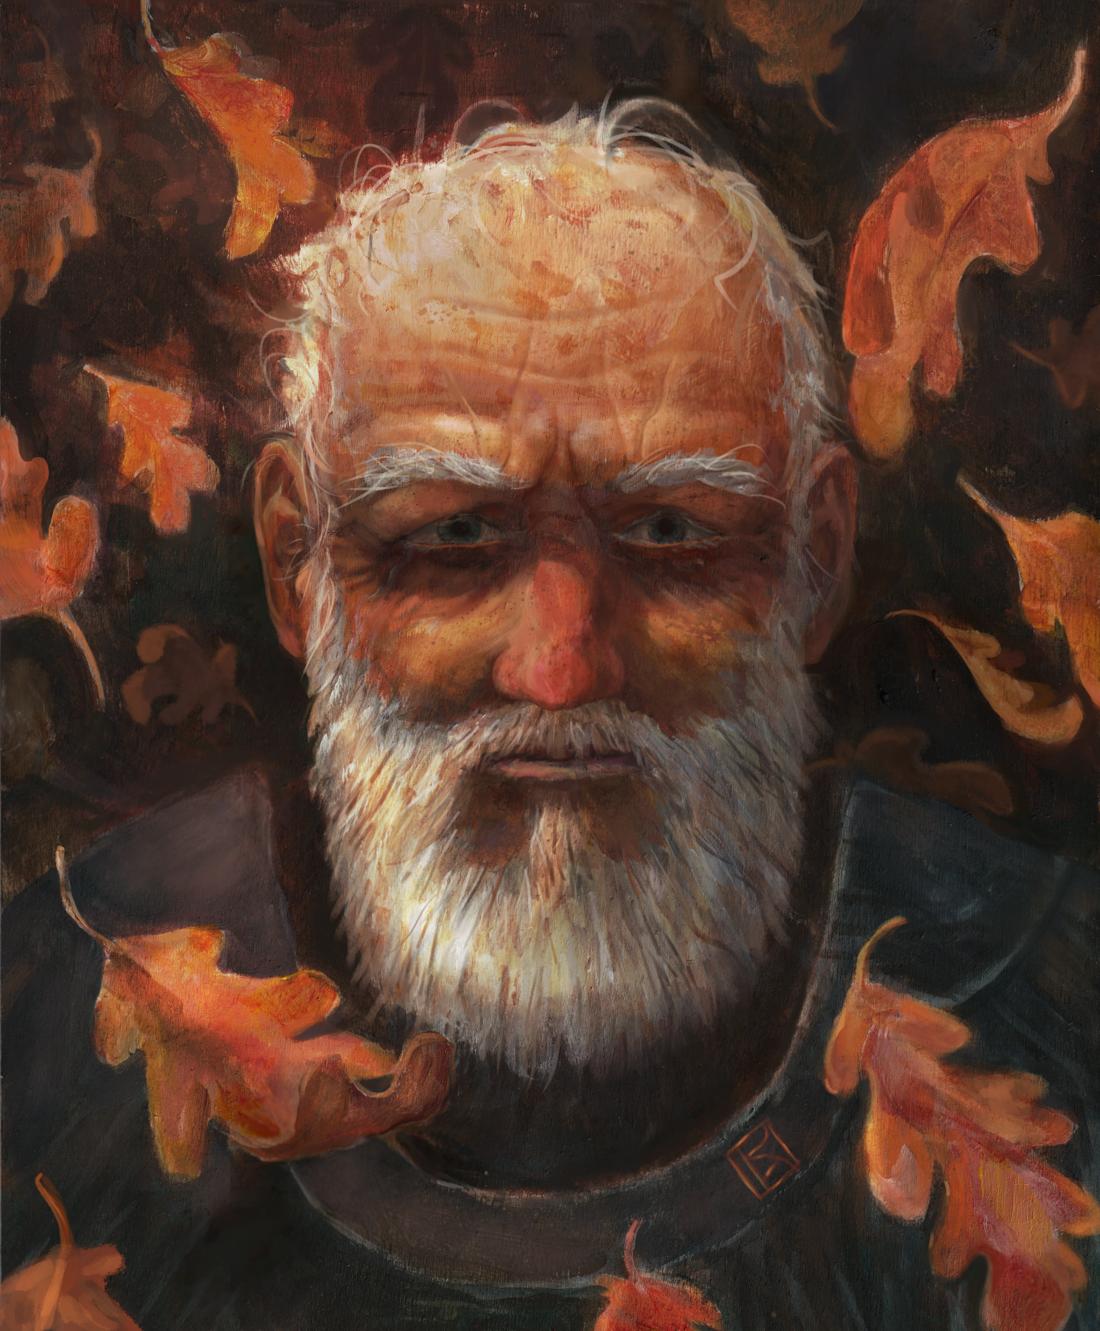 Herbstherr mixedmedia